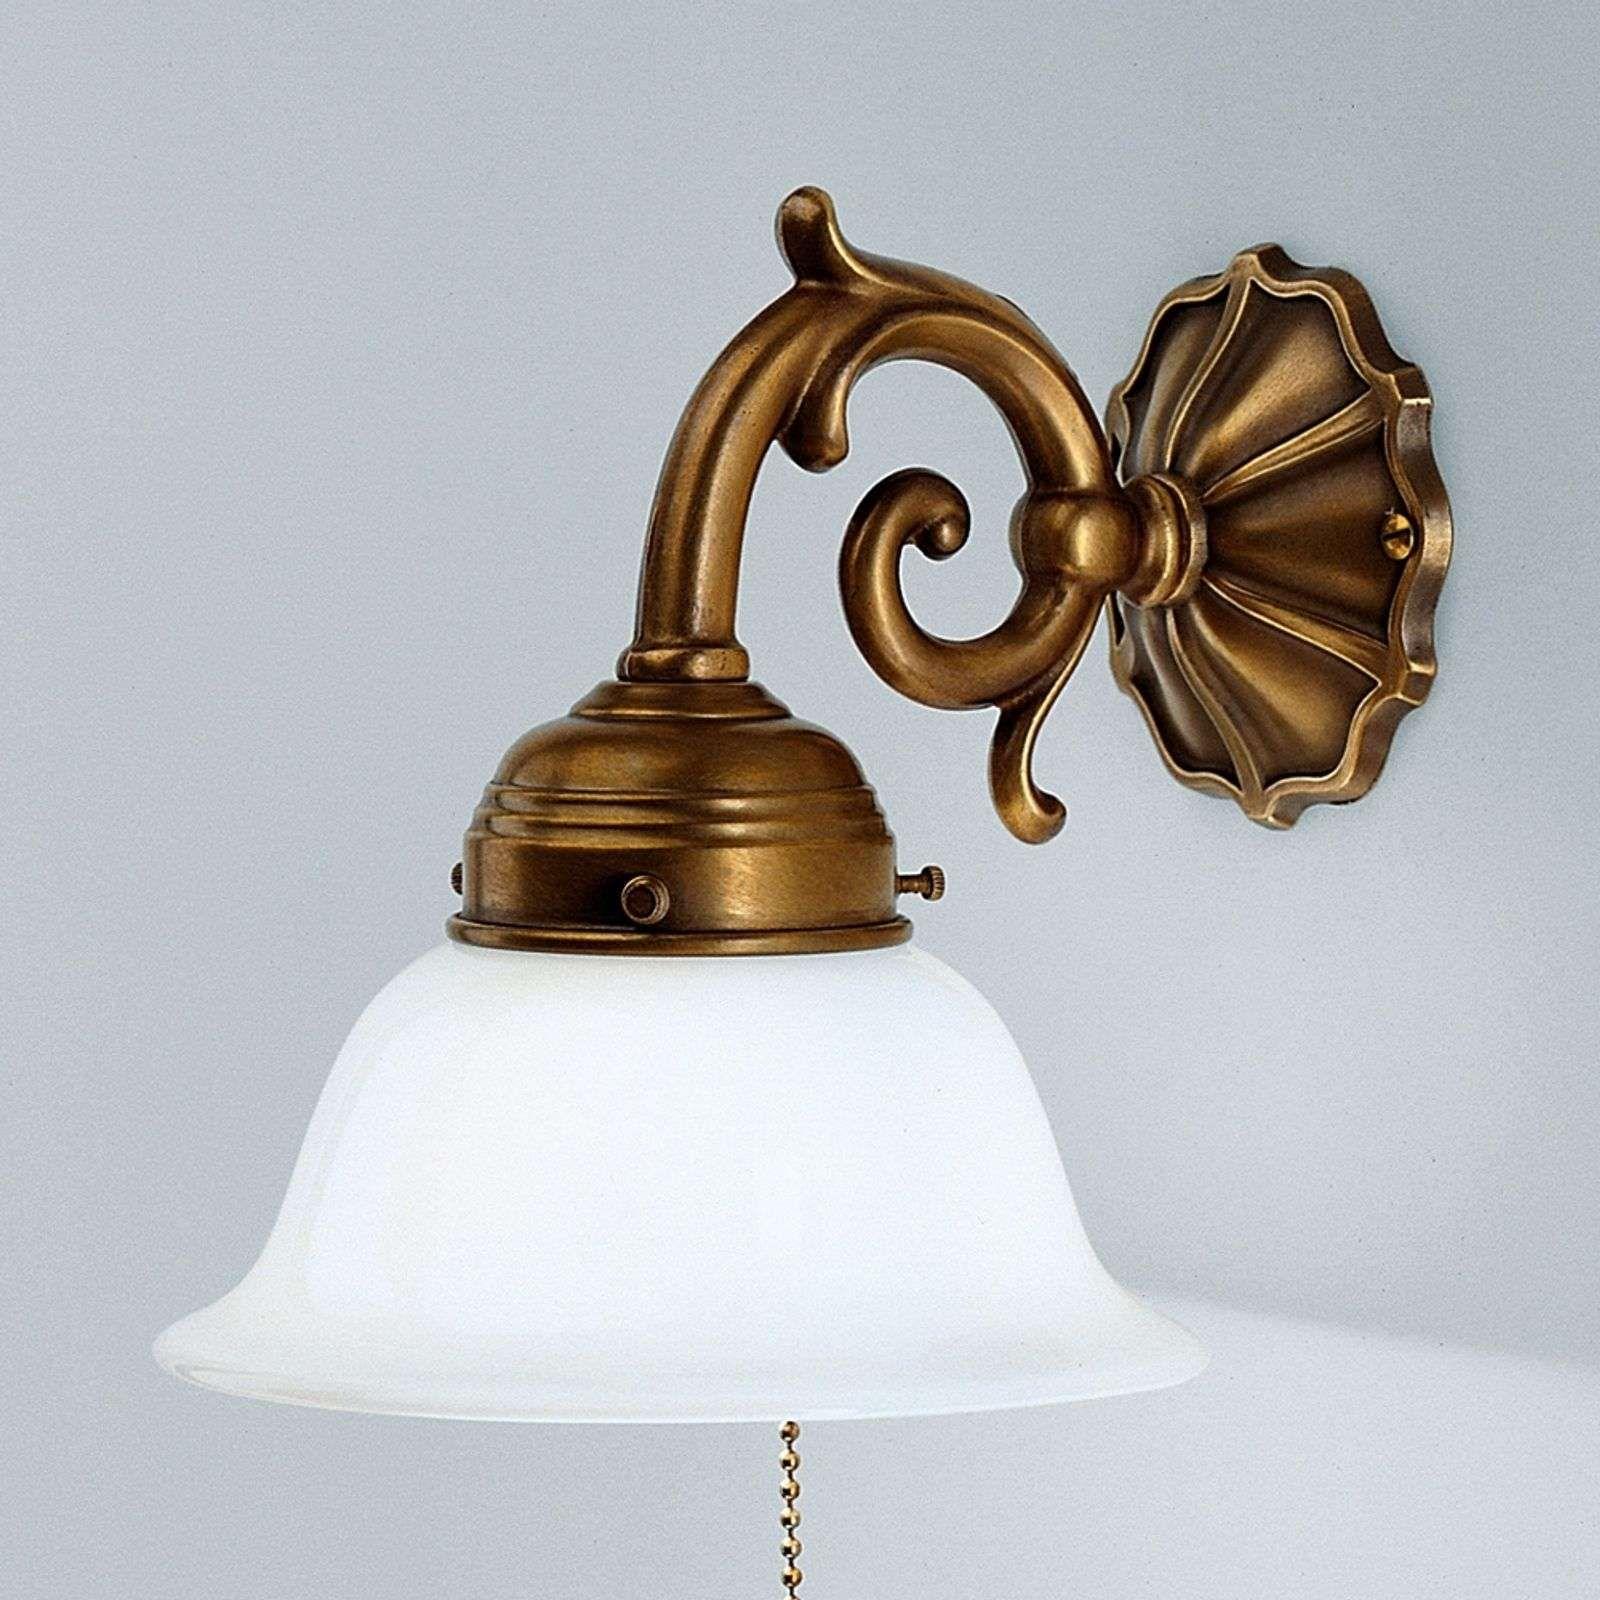 Applique Laiton Edgar Avec Interrupteur A Tirette Laiton Lumiere De Lampe Et Lampes De Table